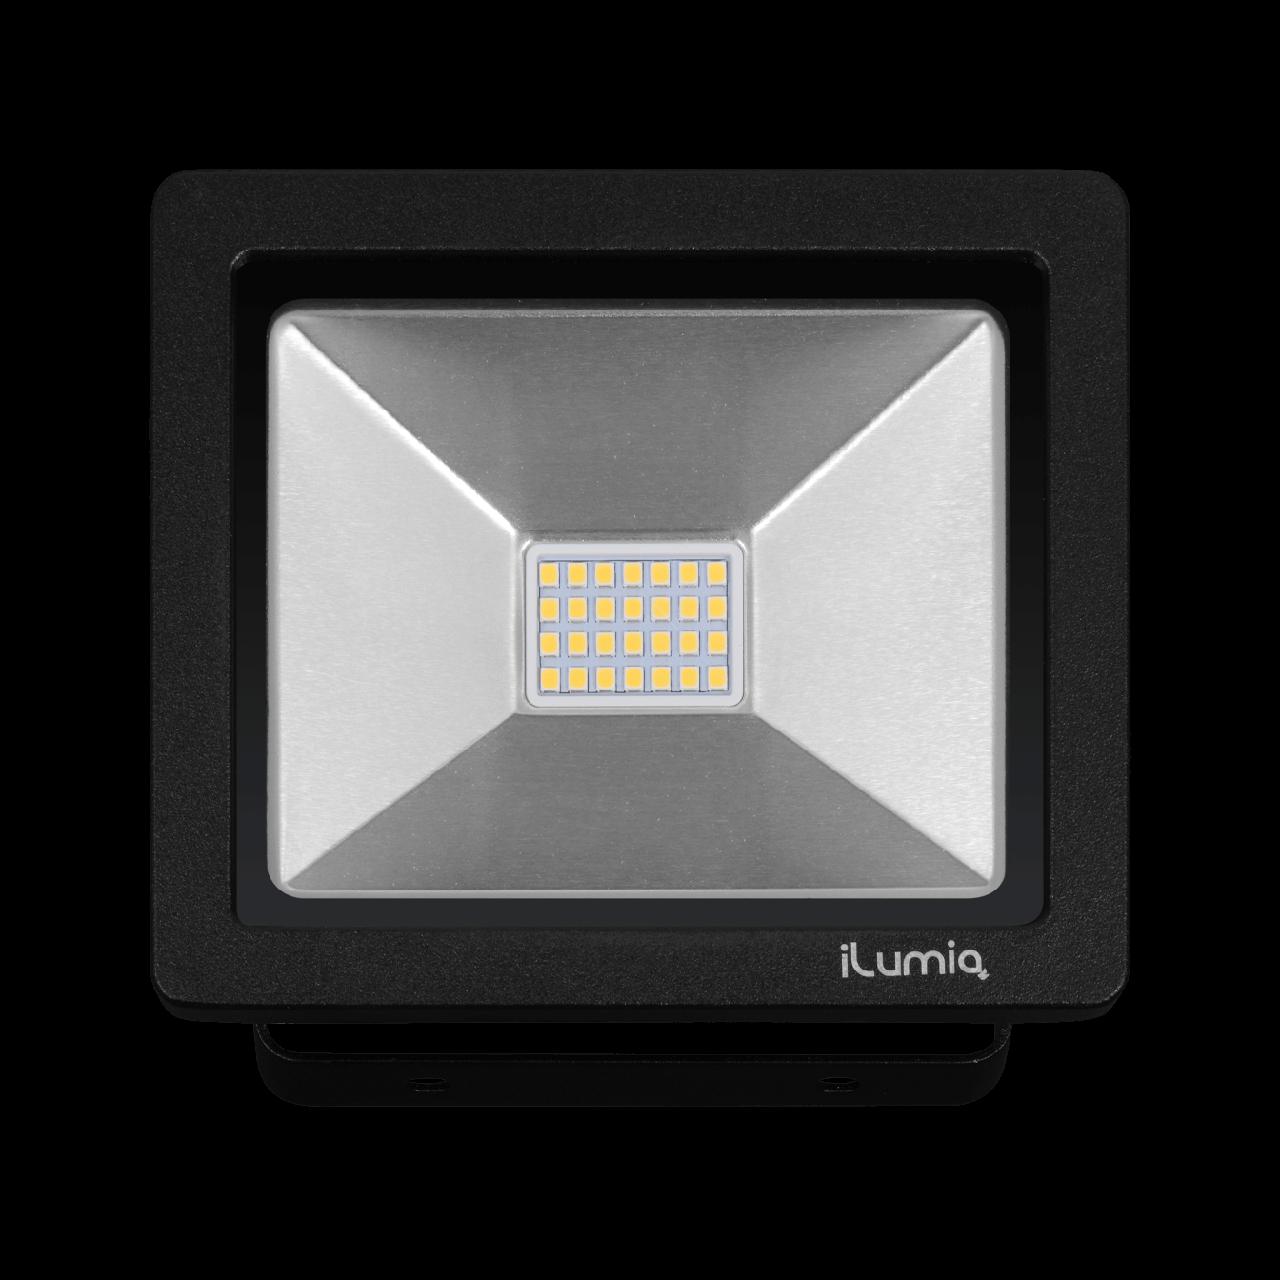 Светодиодный прожектор iLumia 20 Вт.